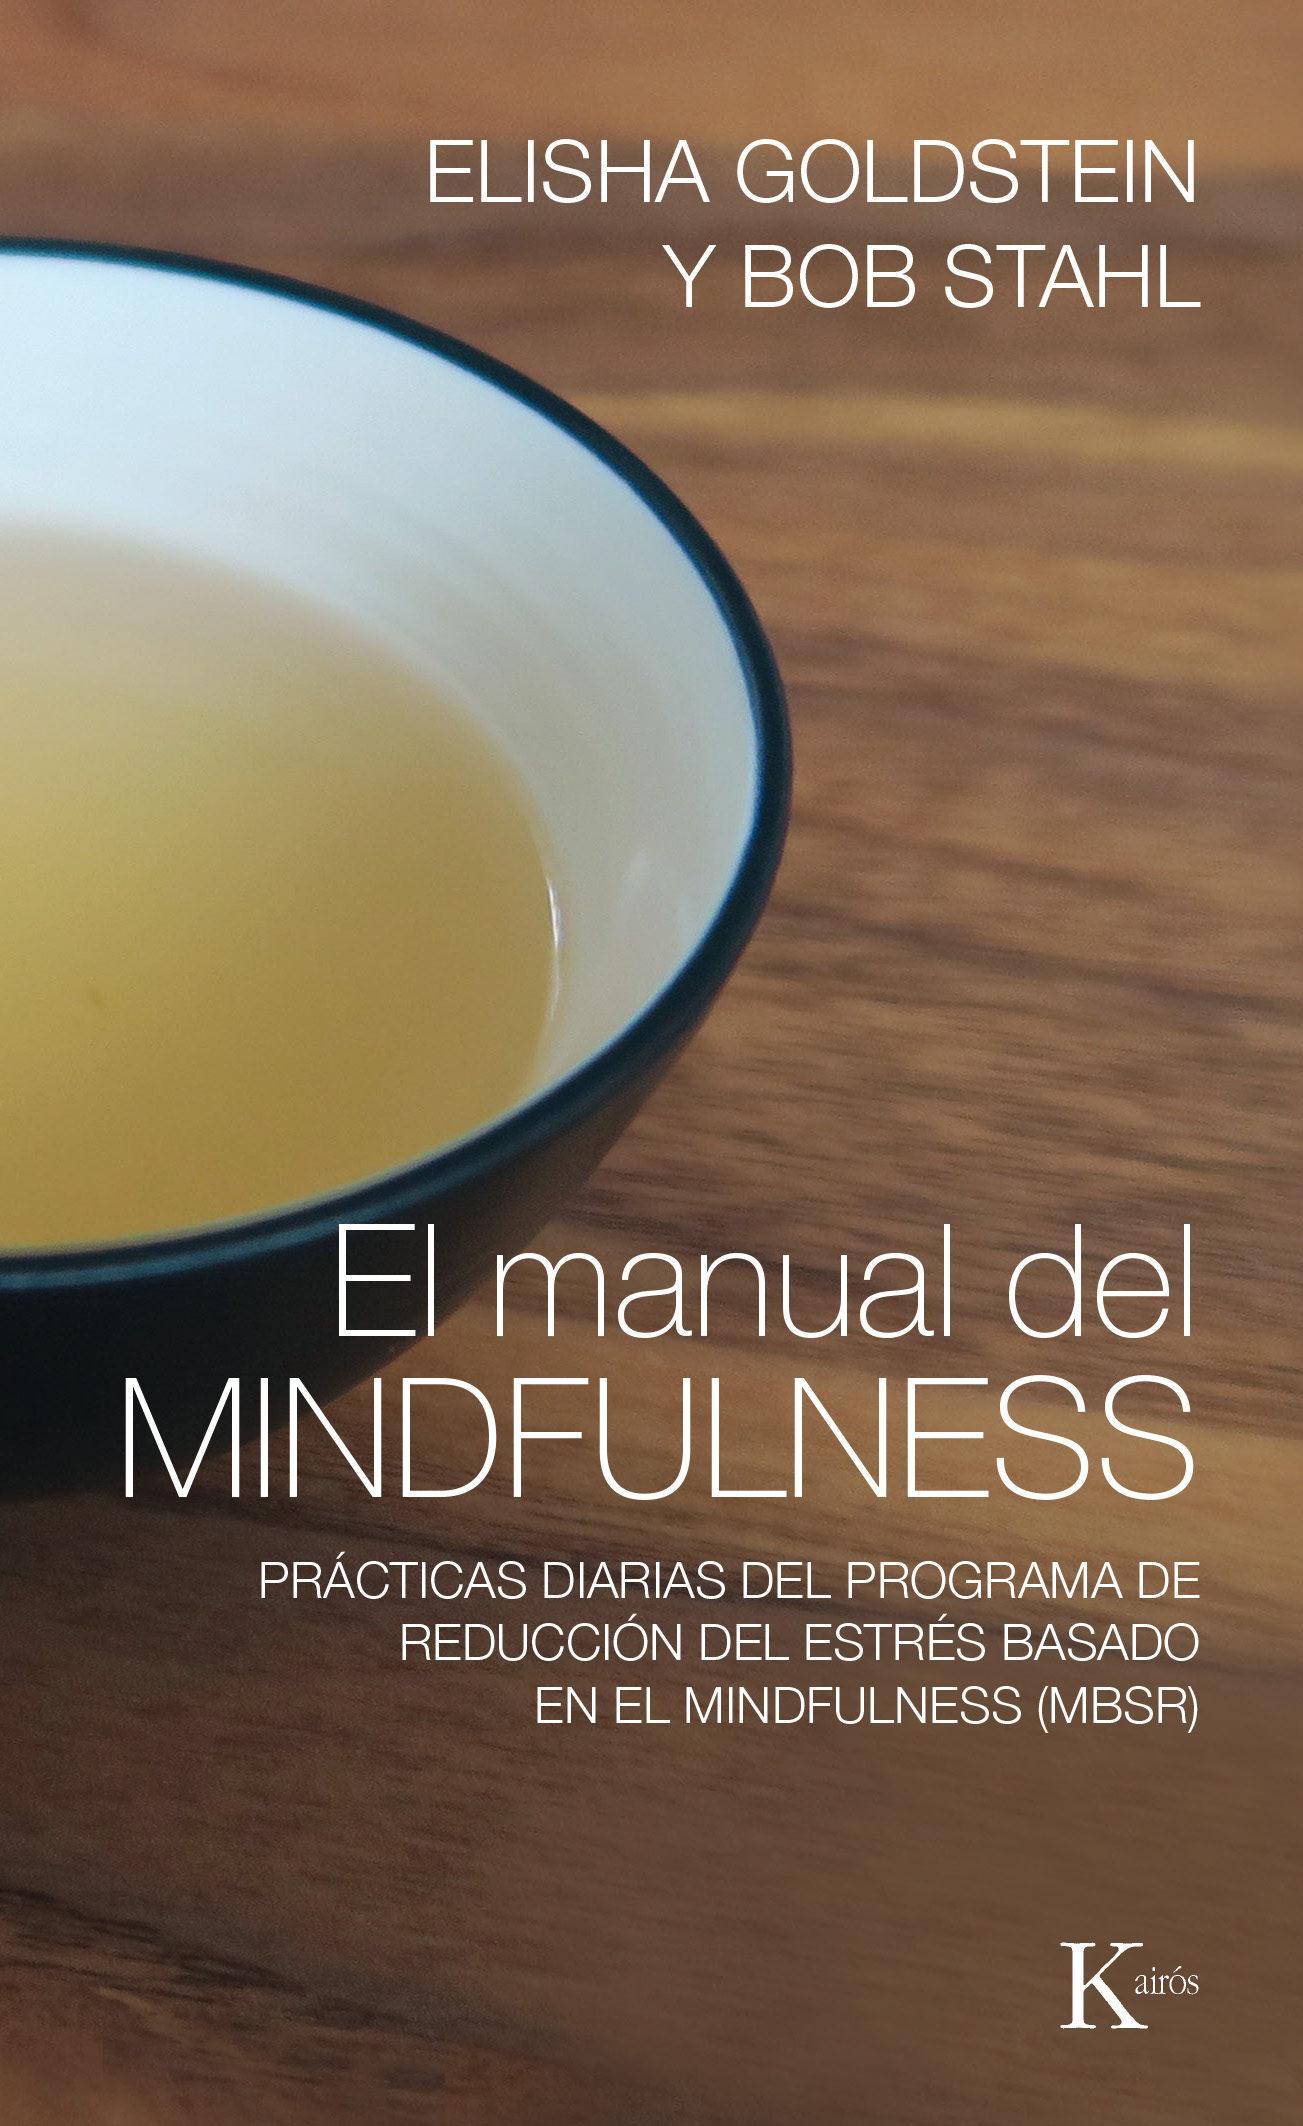 El Manual del Mindfulness - Elisha Goldstein; Bob Stahl - Kairós